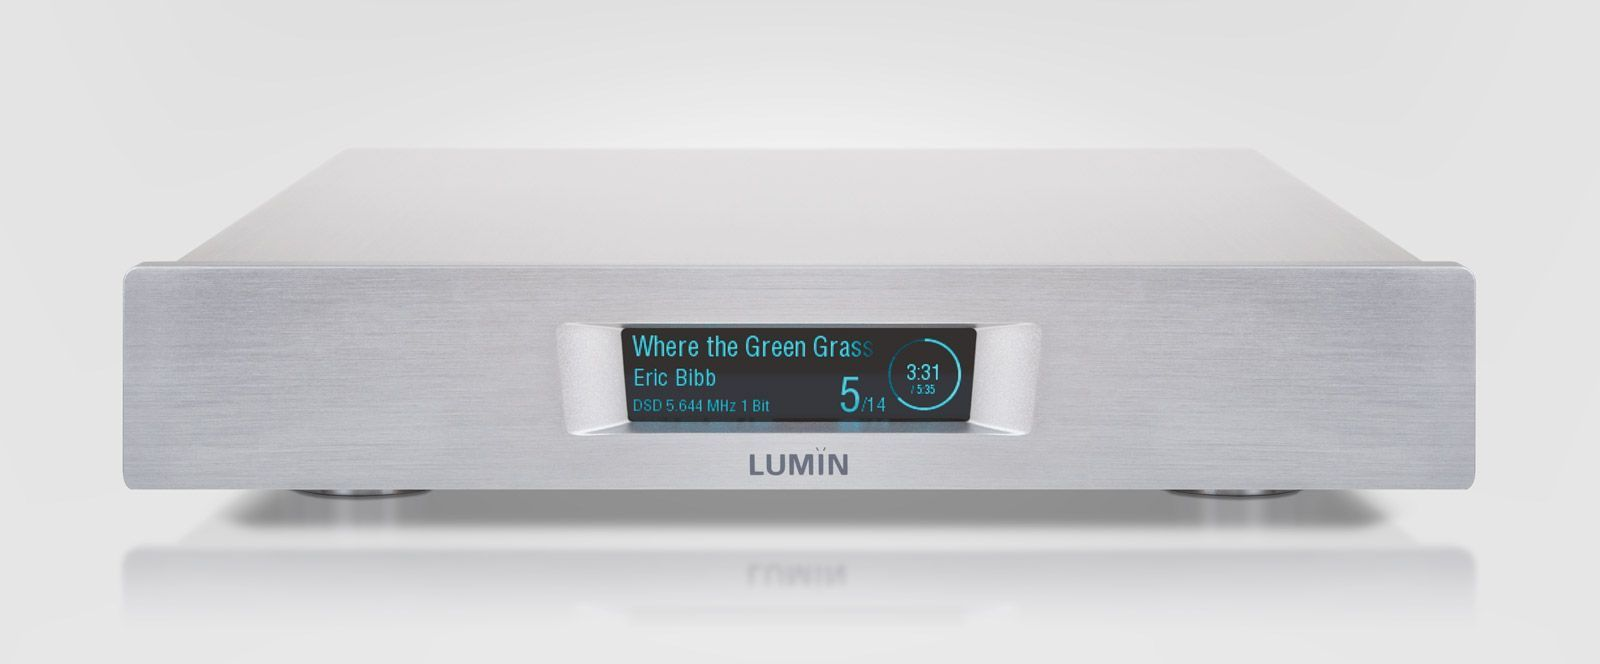 LUMIN D2 Streamer